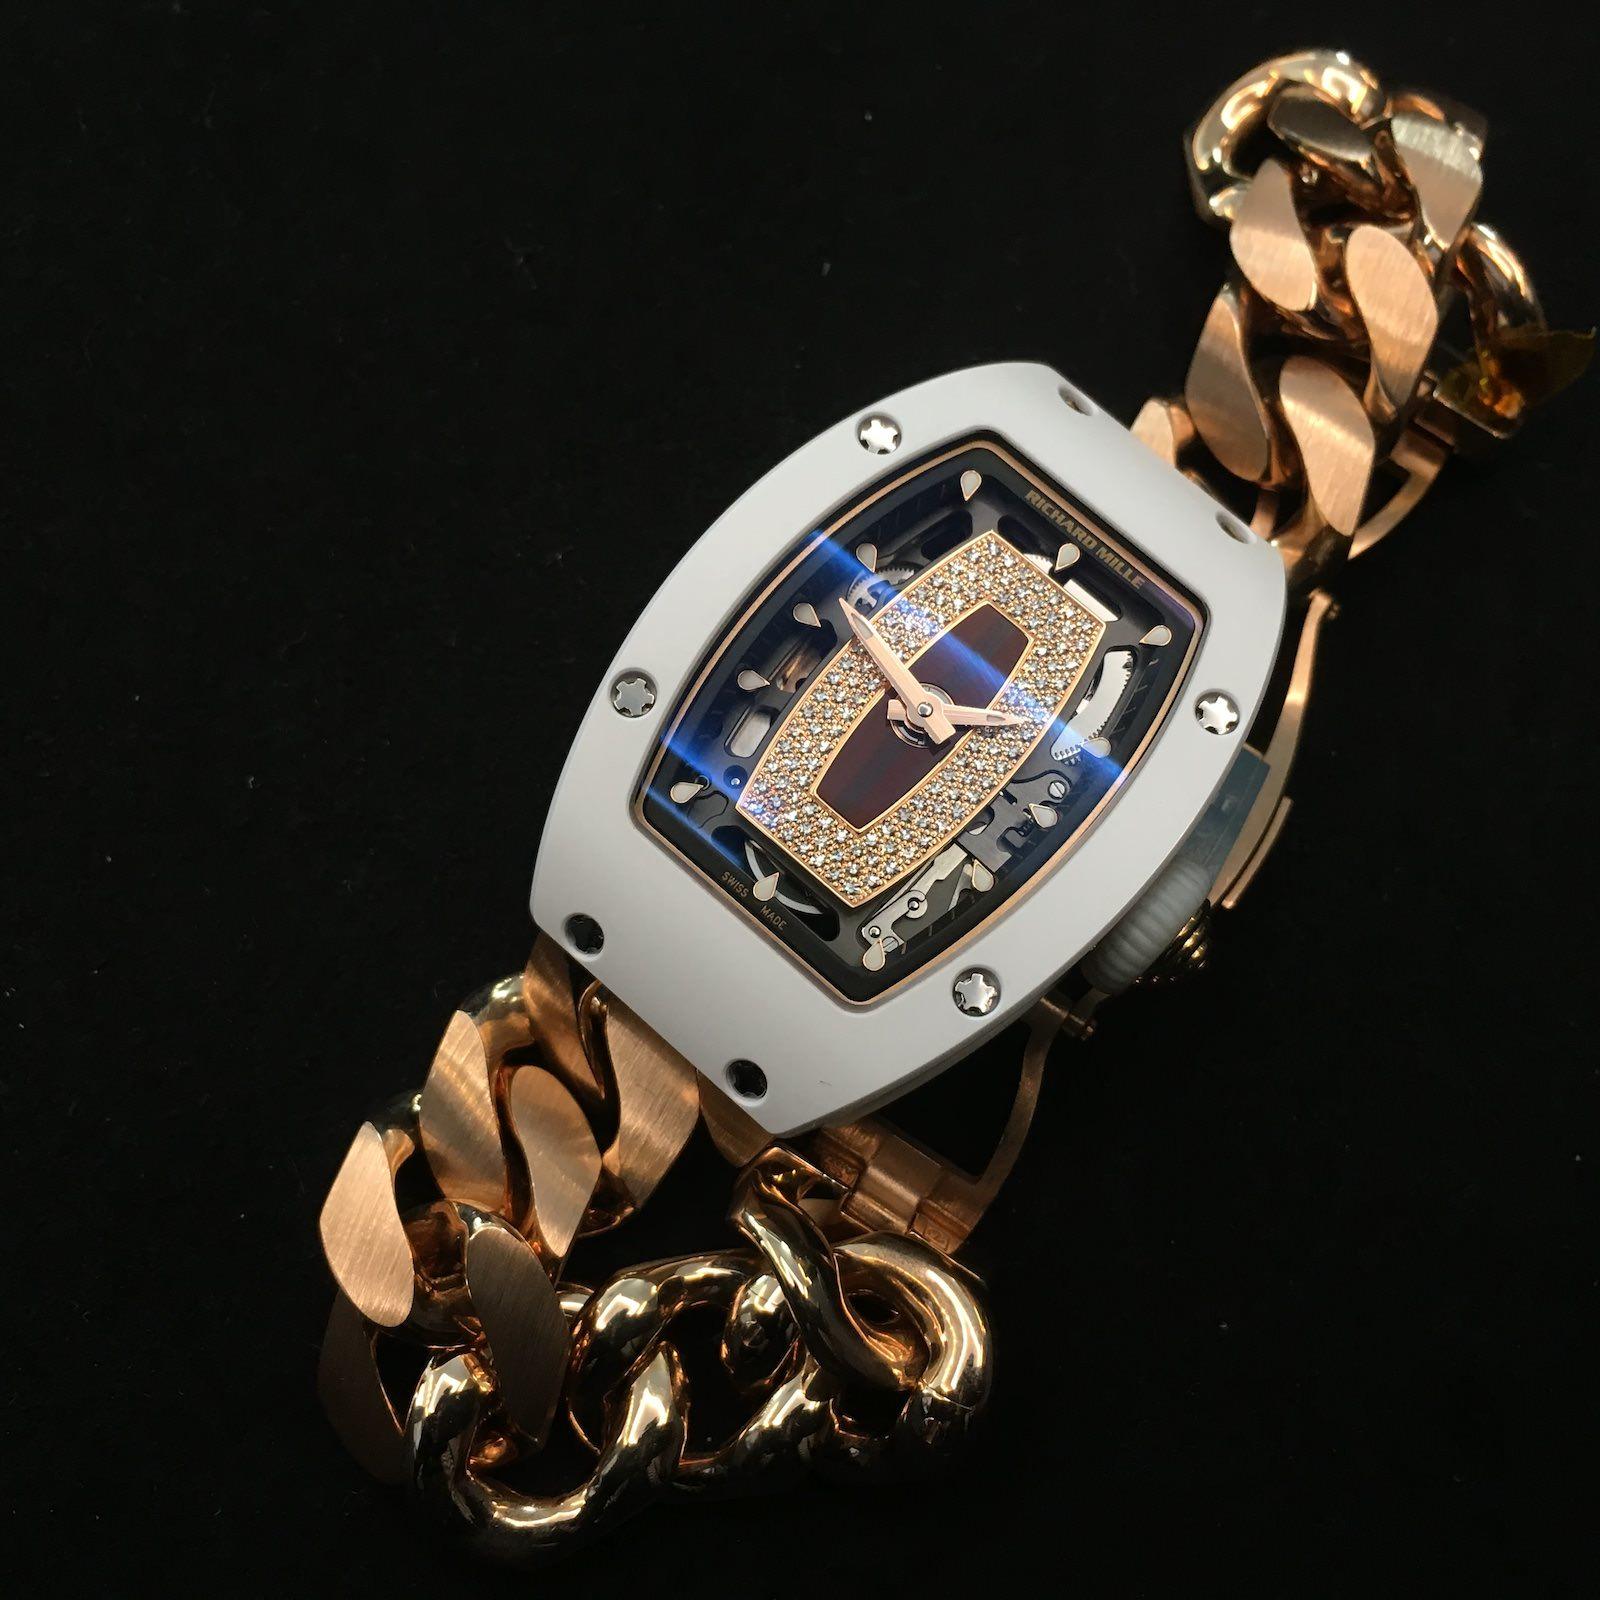 Richard Mille RM07-01 mit weißem Keramikgehäuse und Rotgold-Gourmette-Armband. Preis: 174.500 Euro